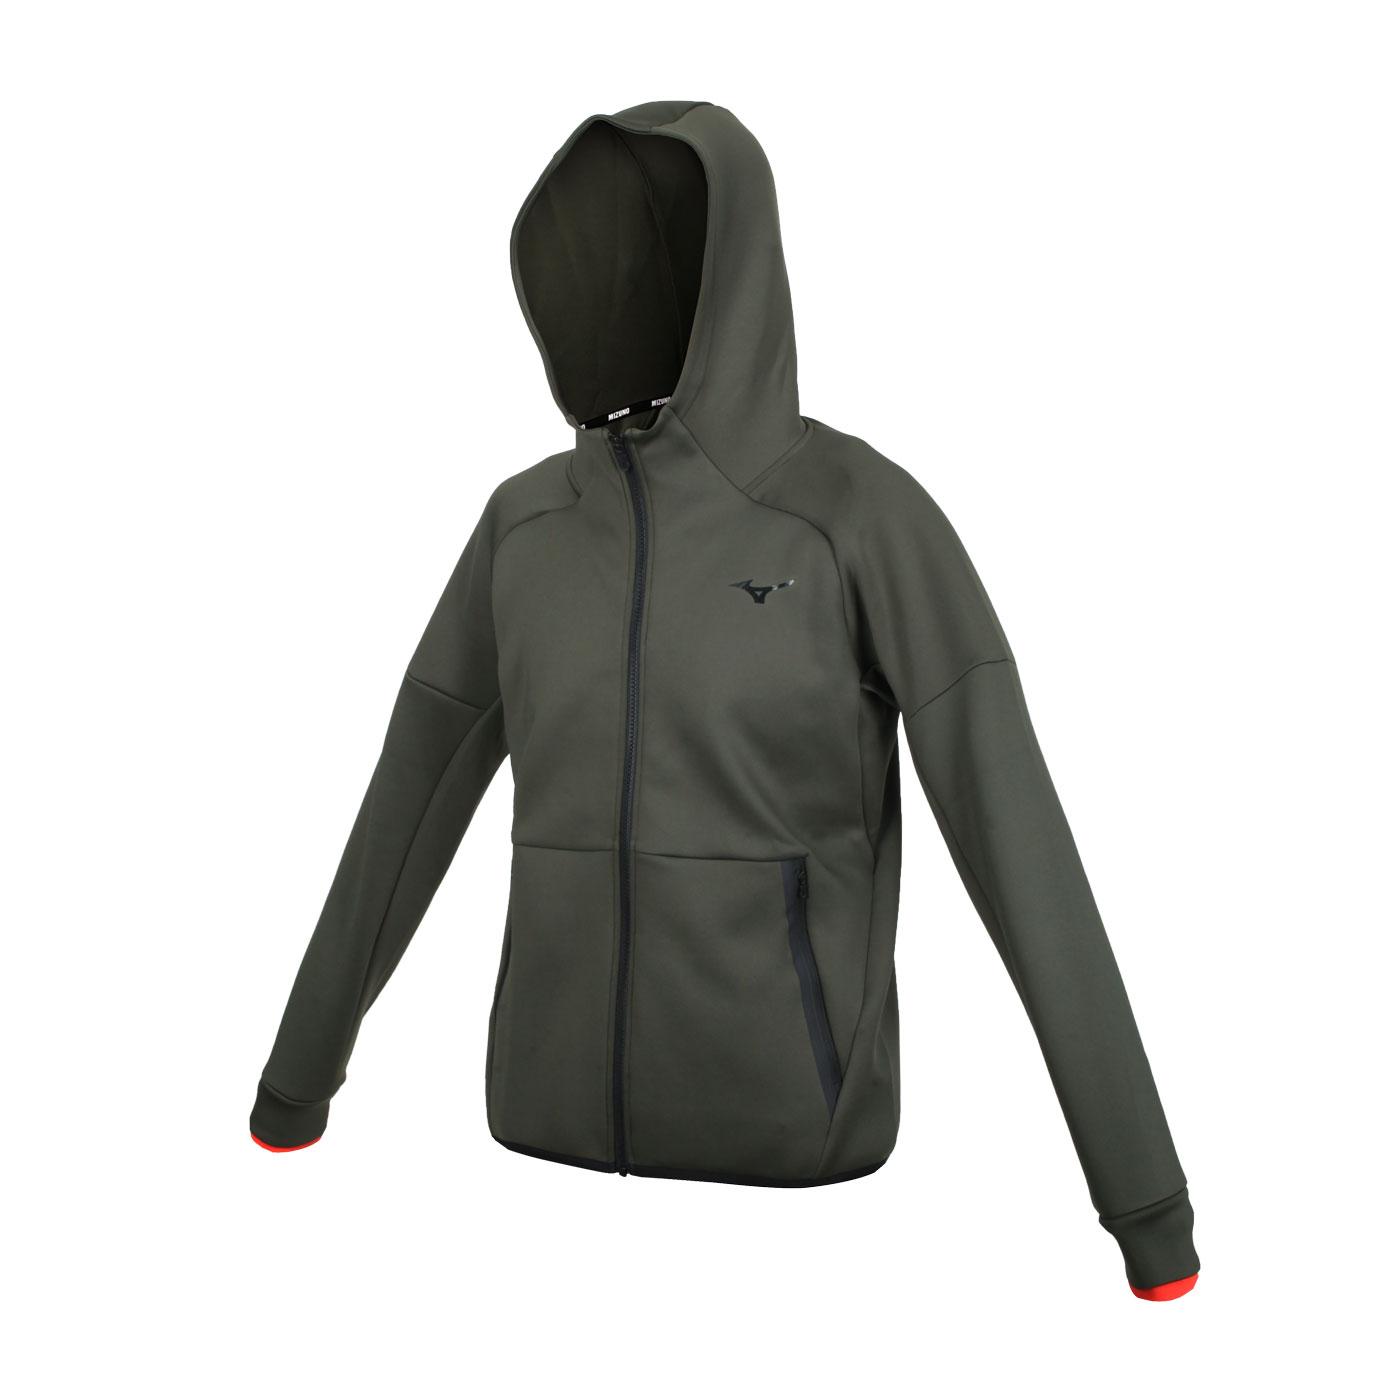 MIZUNO 男款針織外套 32MC155436 - 軍綠黑